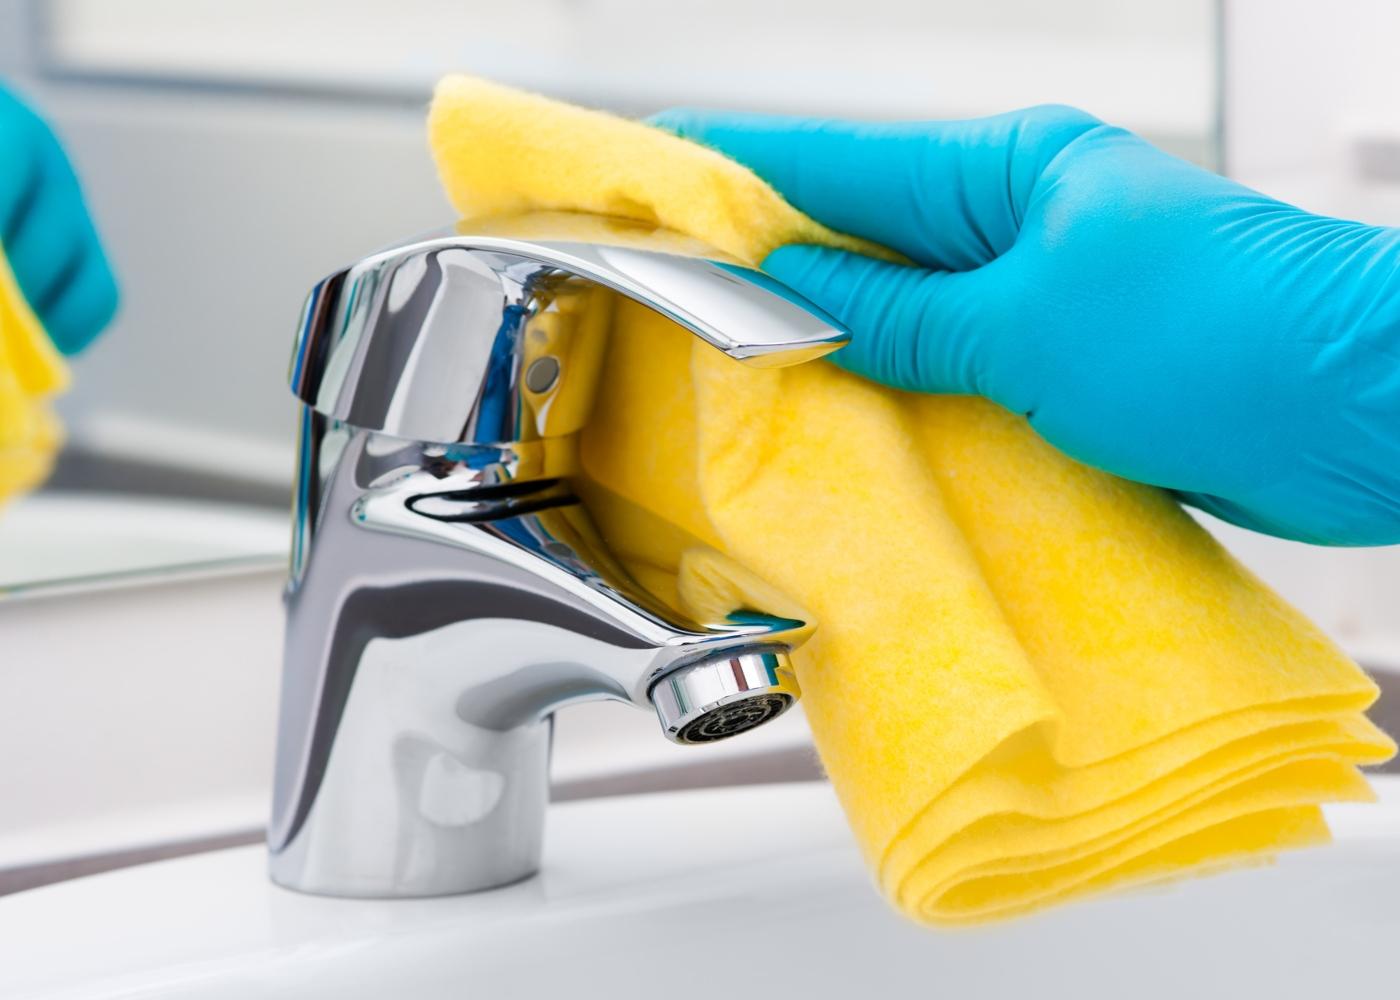 Como desinfetar objetos: mulher a limpar torneiras da casa de banho